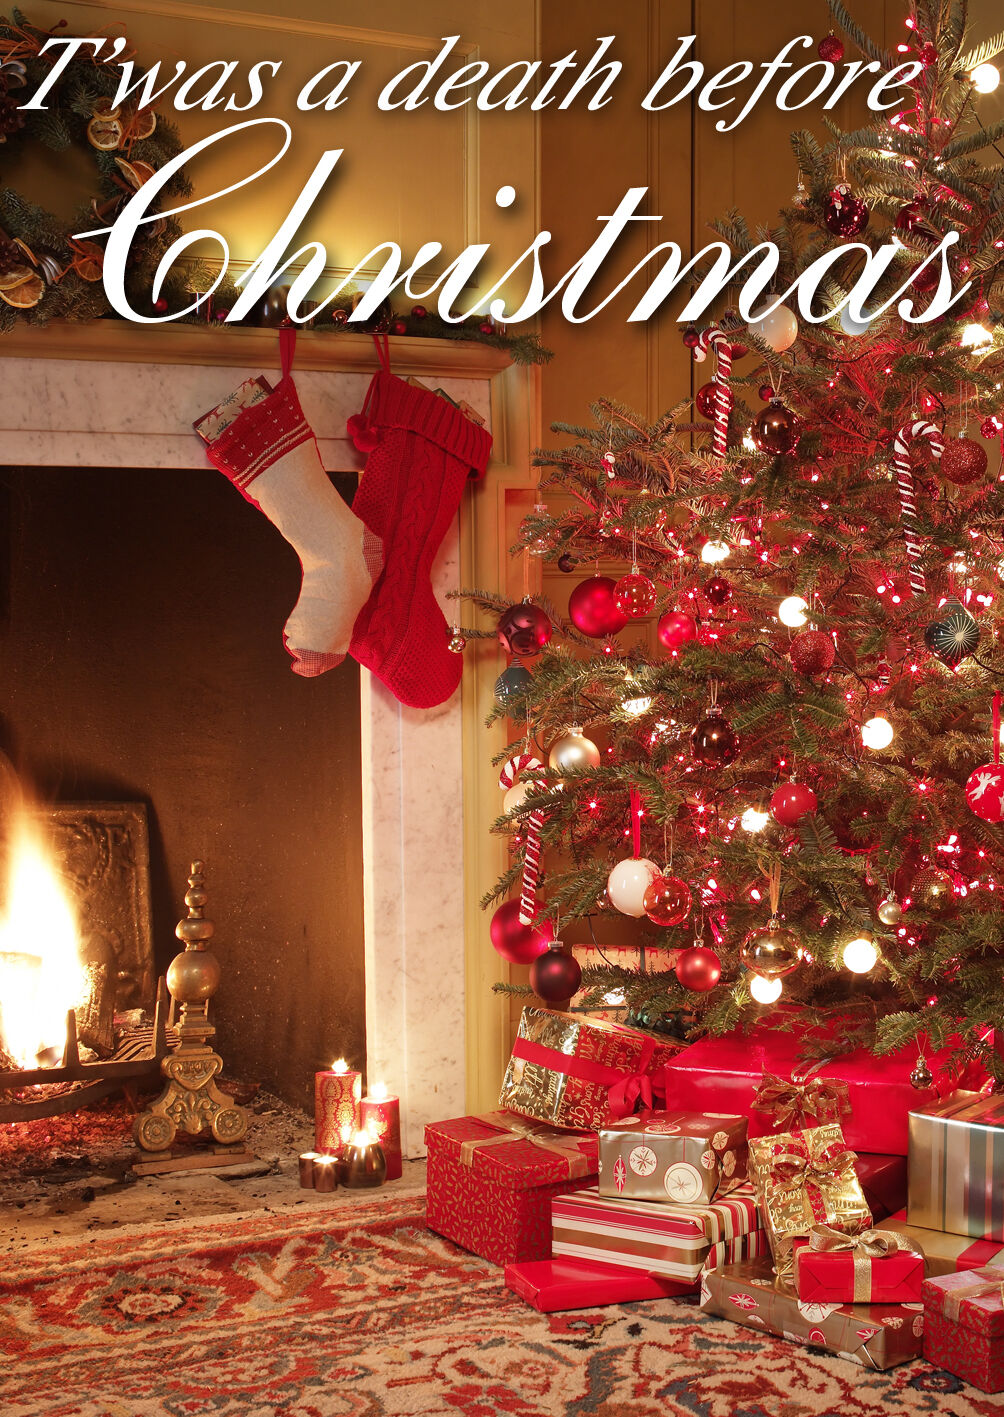 Es war ein tod vor weihnachten - 6, 8, 10, 12 spieler spielen